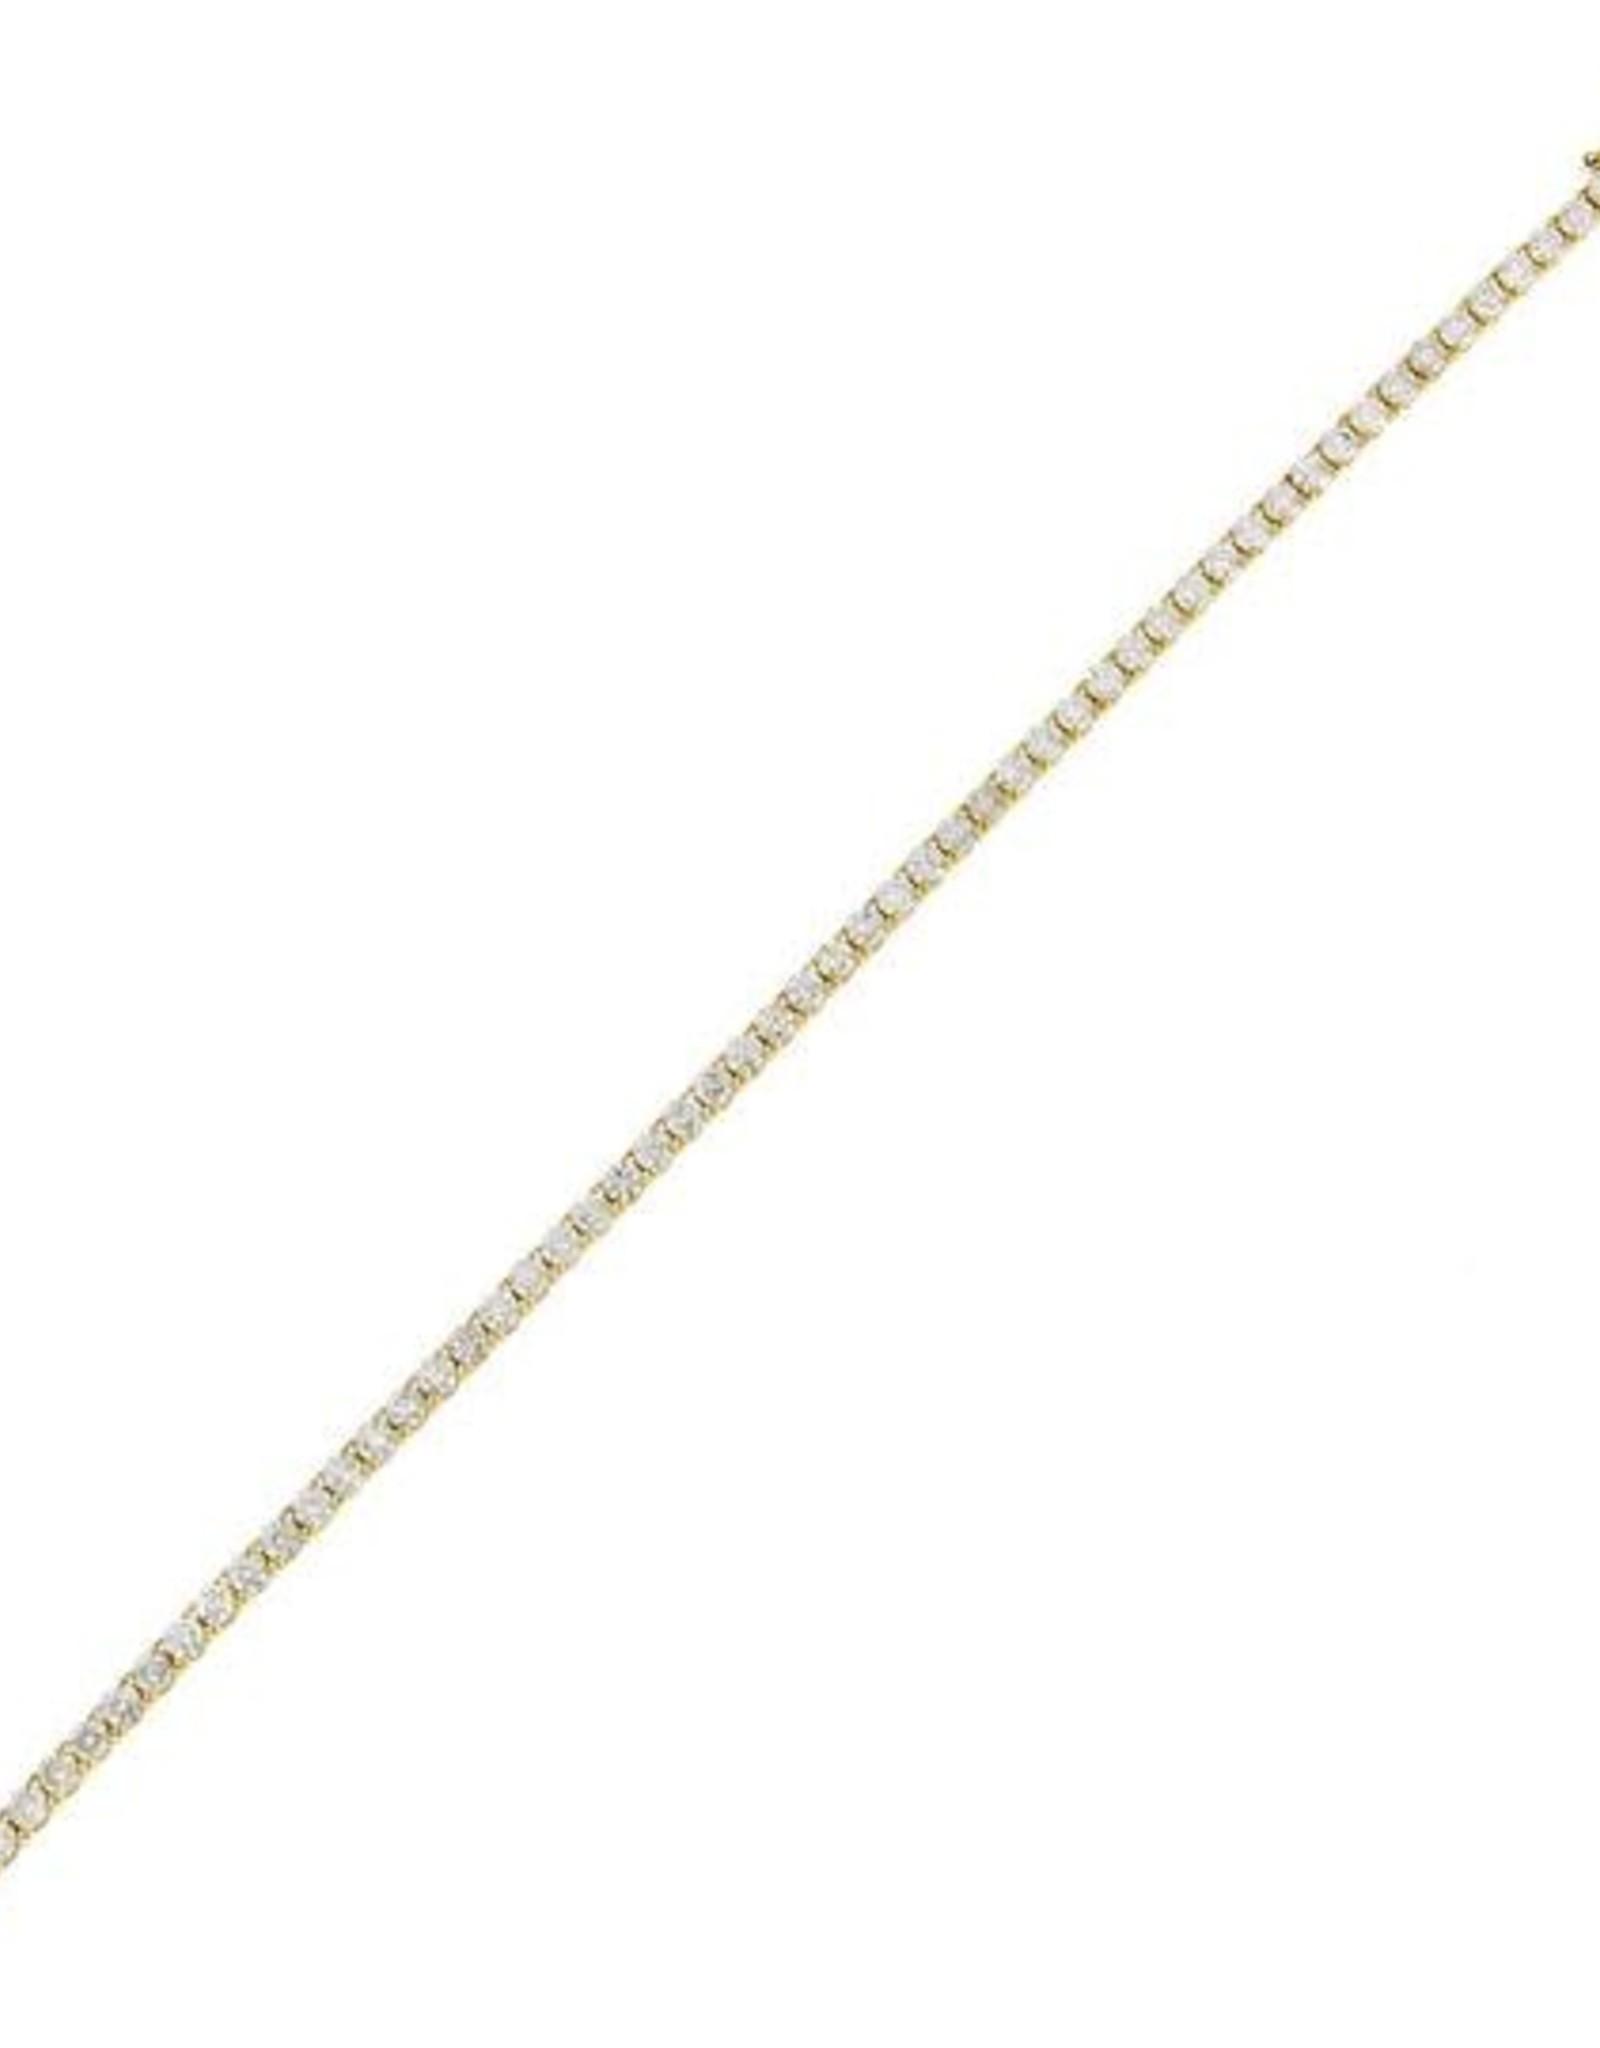 Adinas Diamond Tennis Bracelet 14K